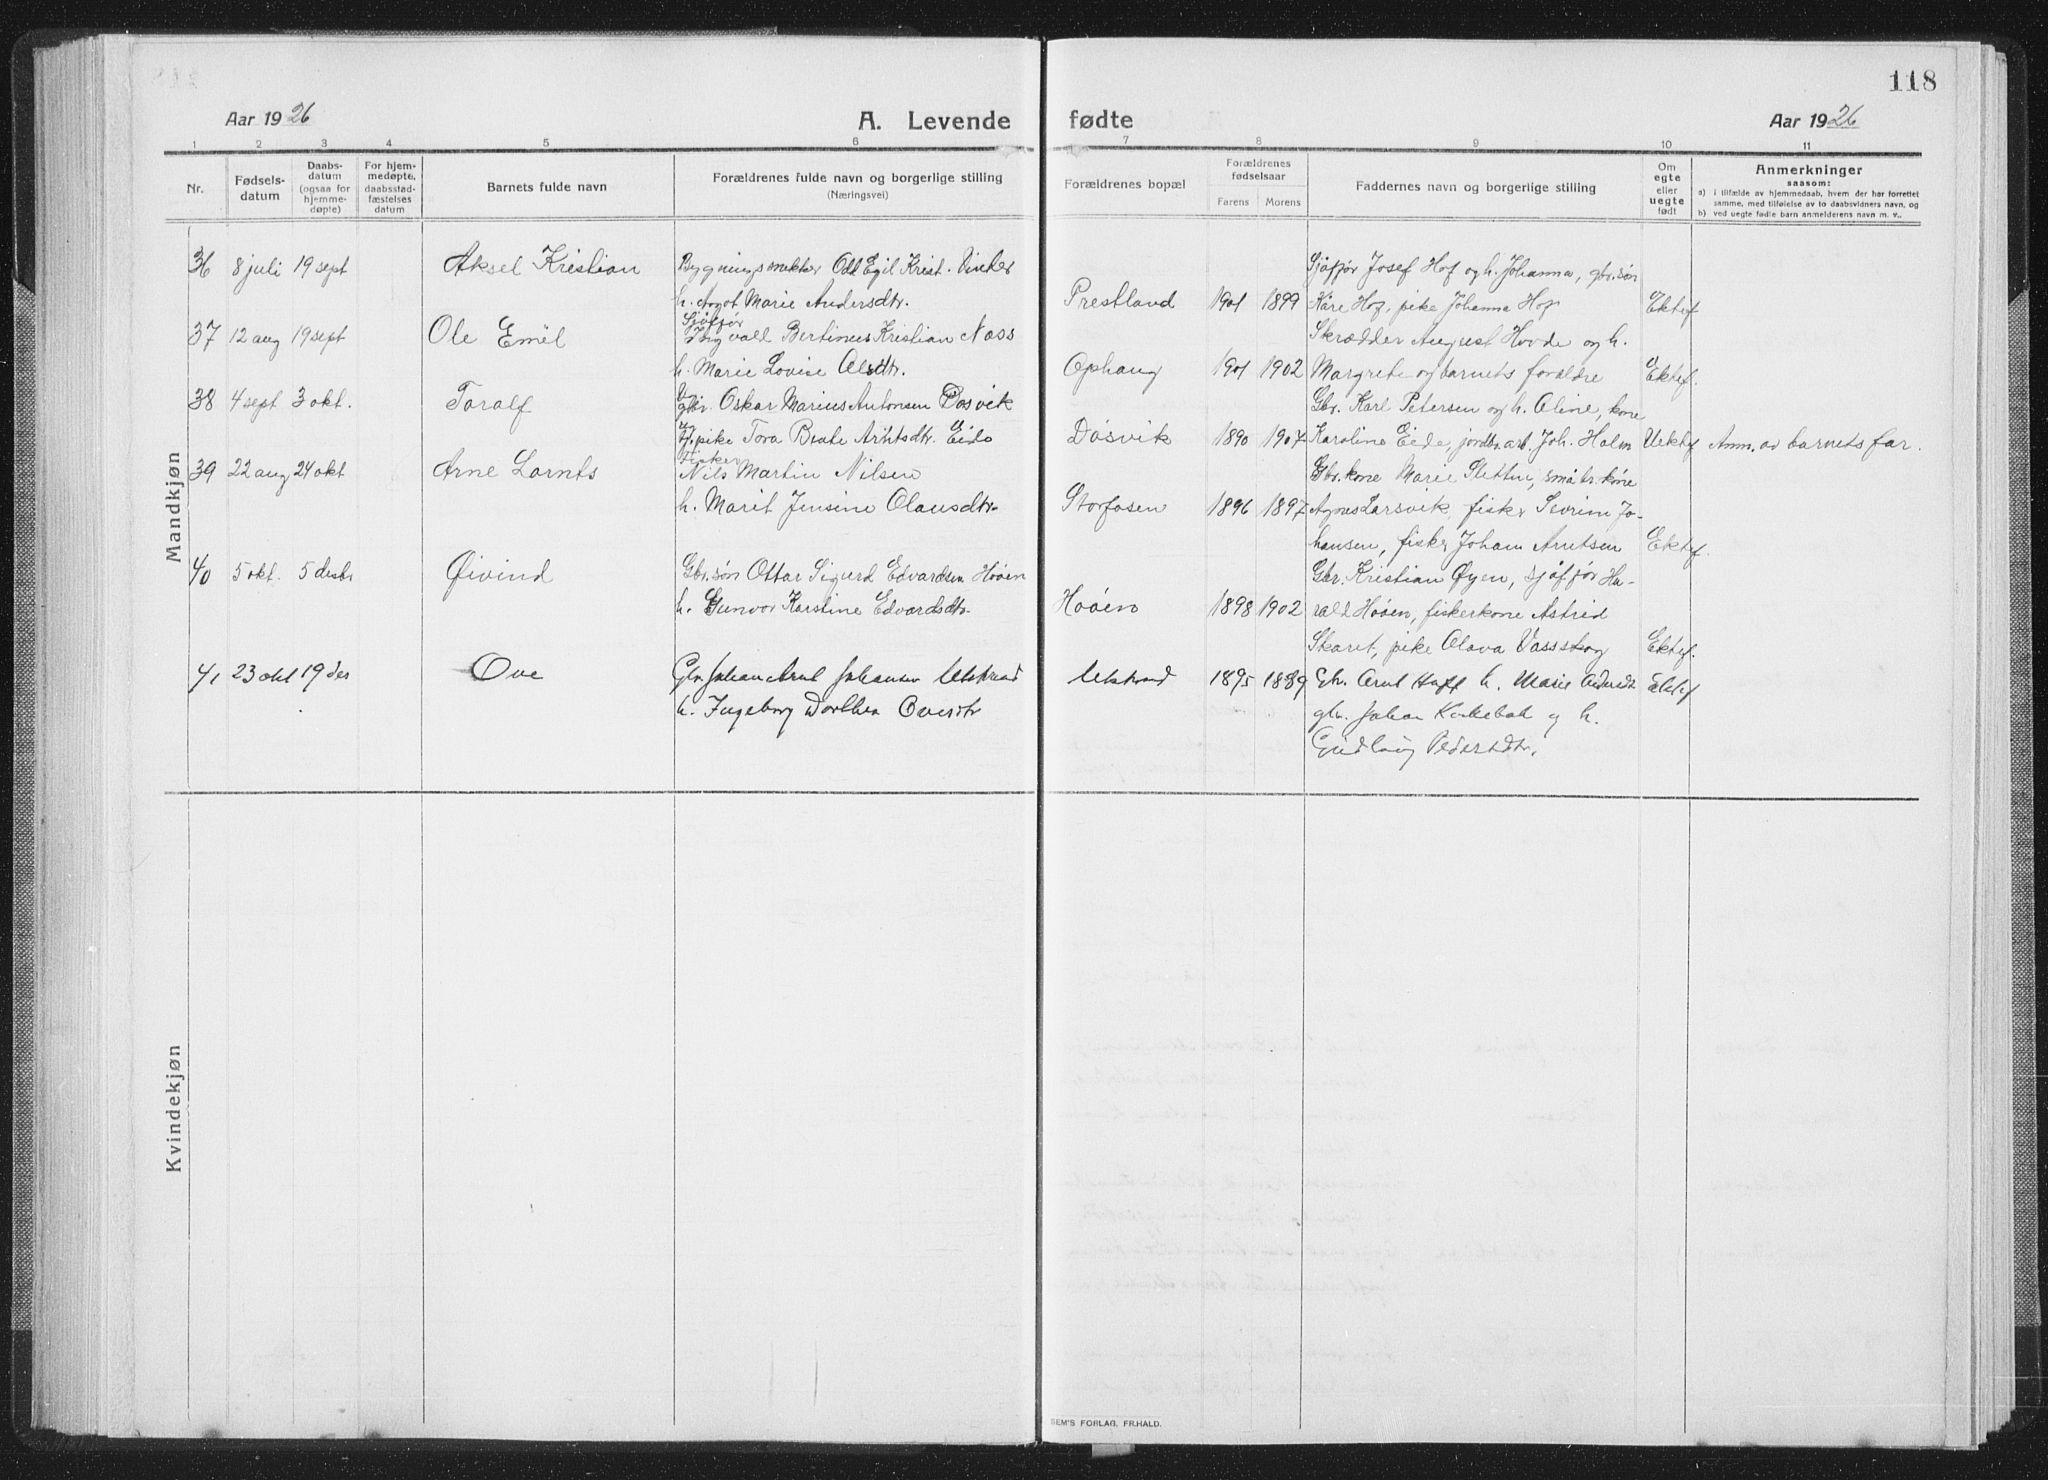 SAT, Ministerialprotokoller, klokkerbøker og fødselsregistre - Sør-Trøndelag, 659/L0747: Klokkerbok nr. 659C04, 1913-1938, s. 118